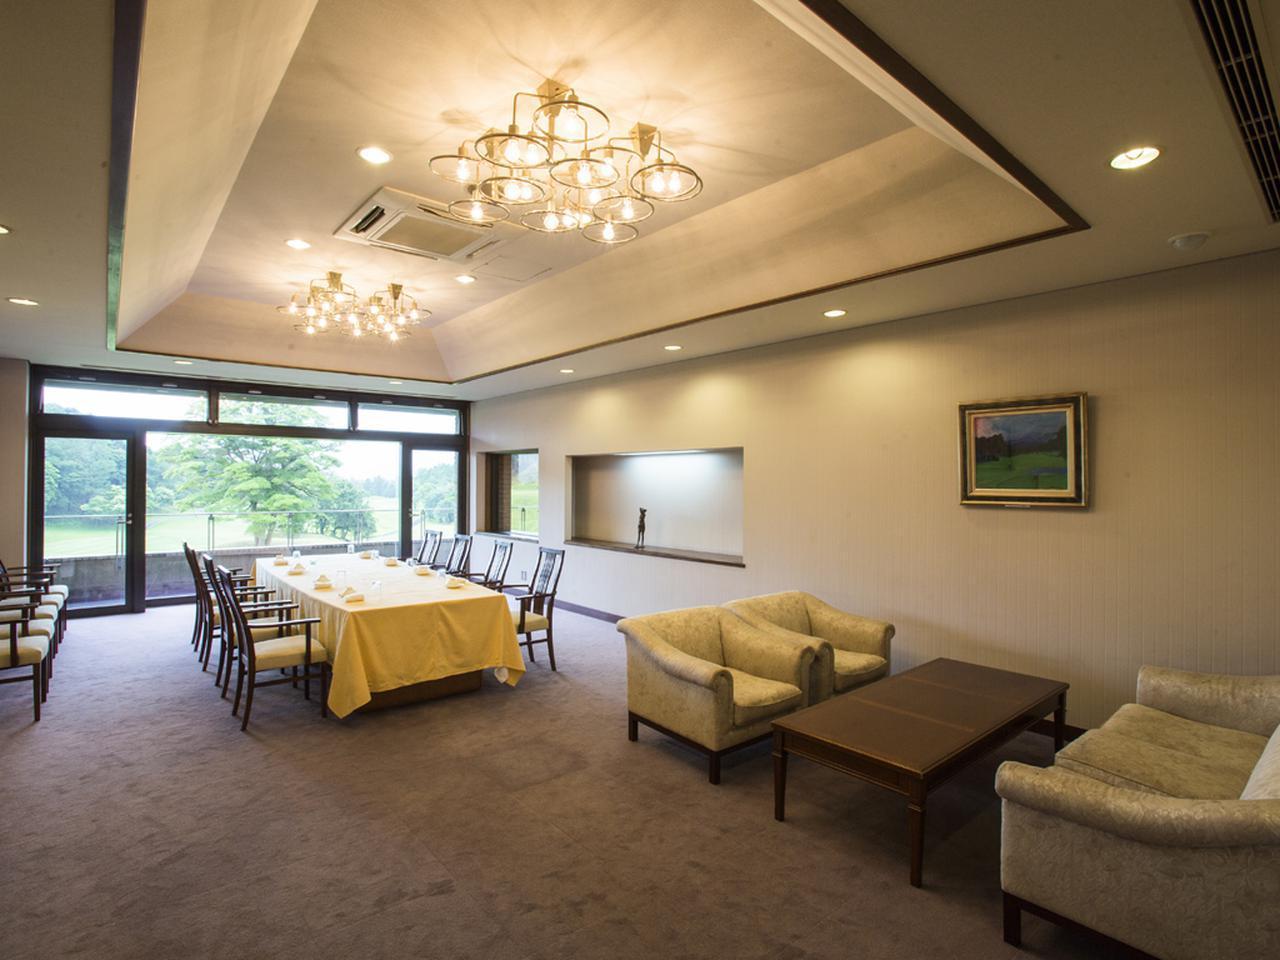 画像: 6室あるコンペルームはバリエーションがある。200名収容